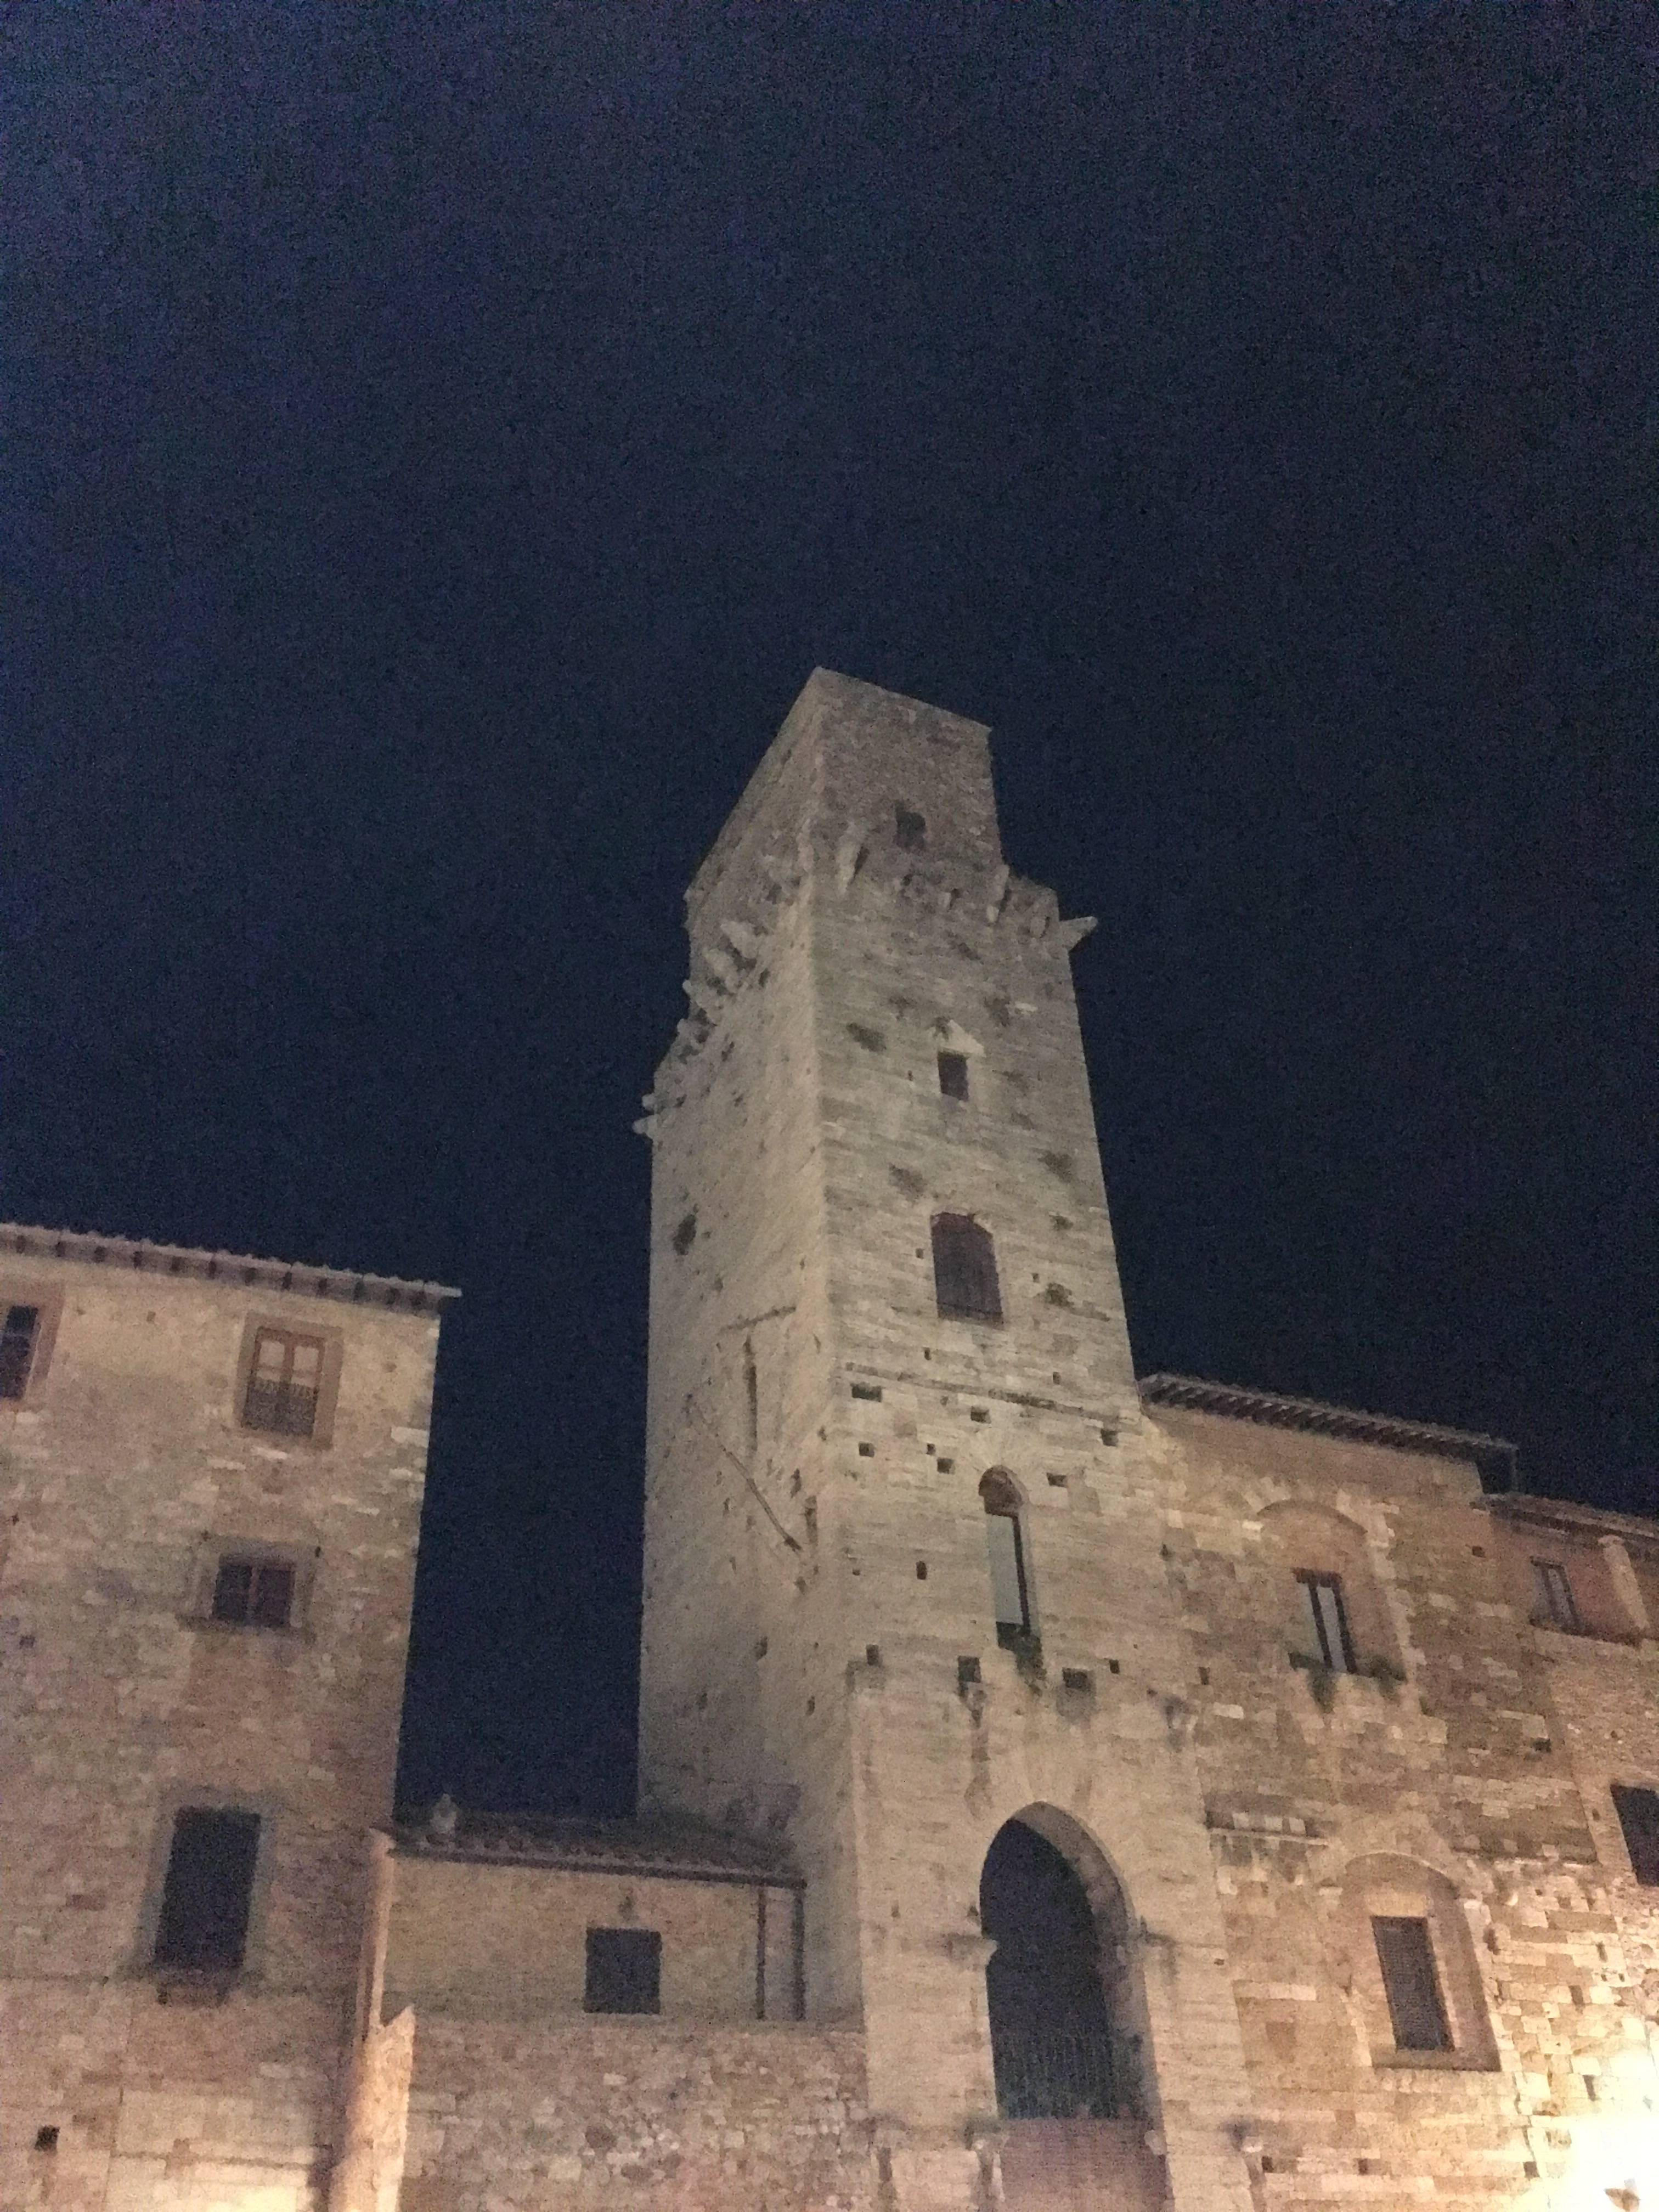 Photo 3: San gimignano, petit village magnfique proche de Florence